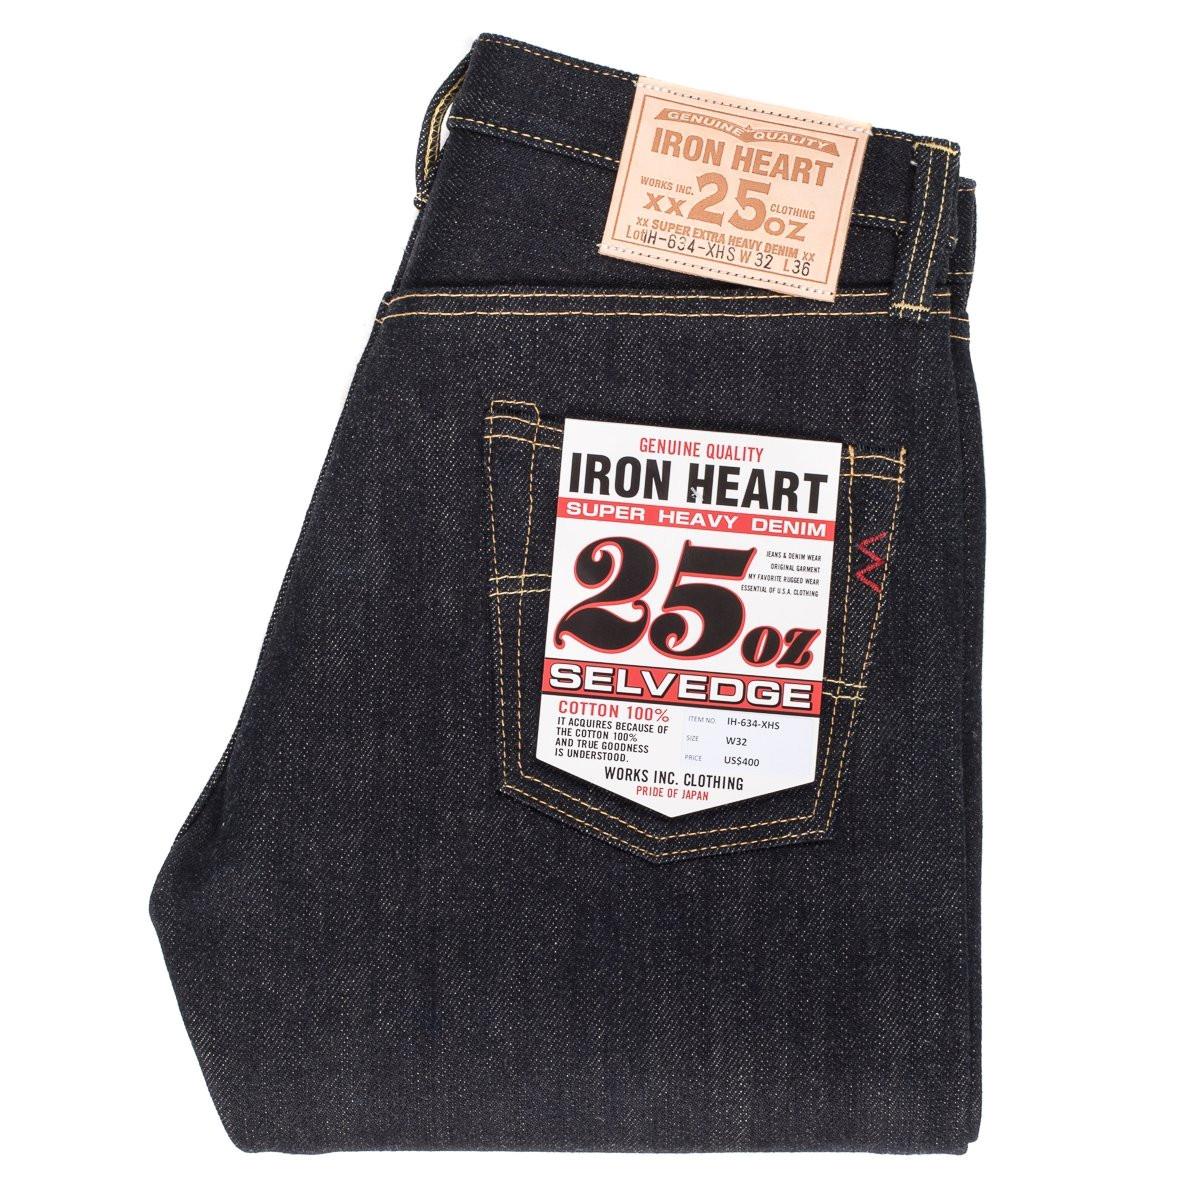 iron heart 634xhs indigo 25oz